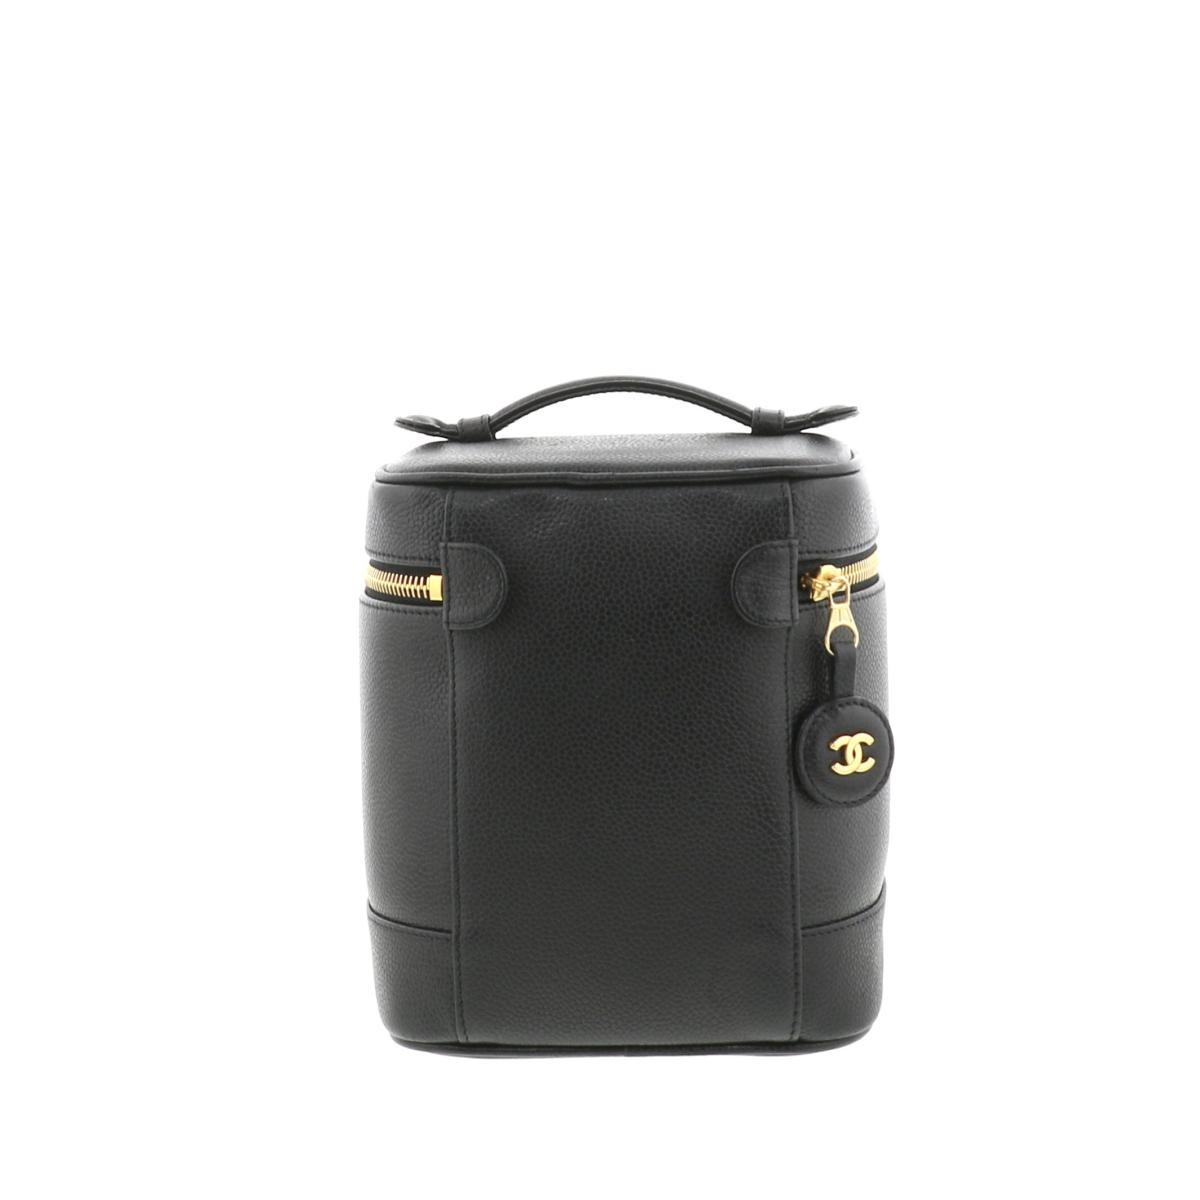 【お値下げ品】【中古】 CHANEL シャネル  巾着/パーティバッグ A01998 ブラック キャビアスキン  バニティバッグ